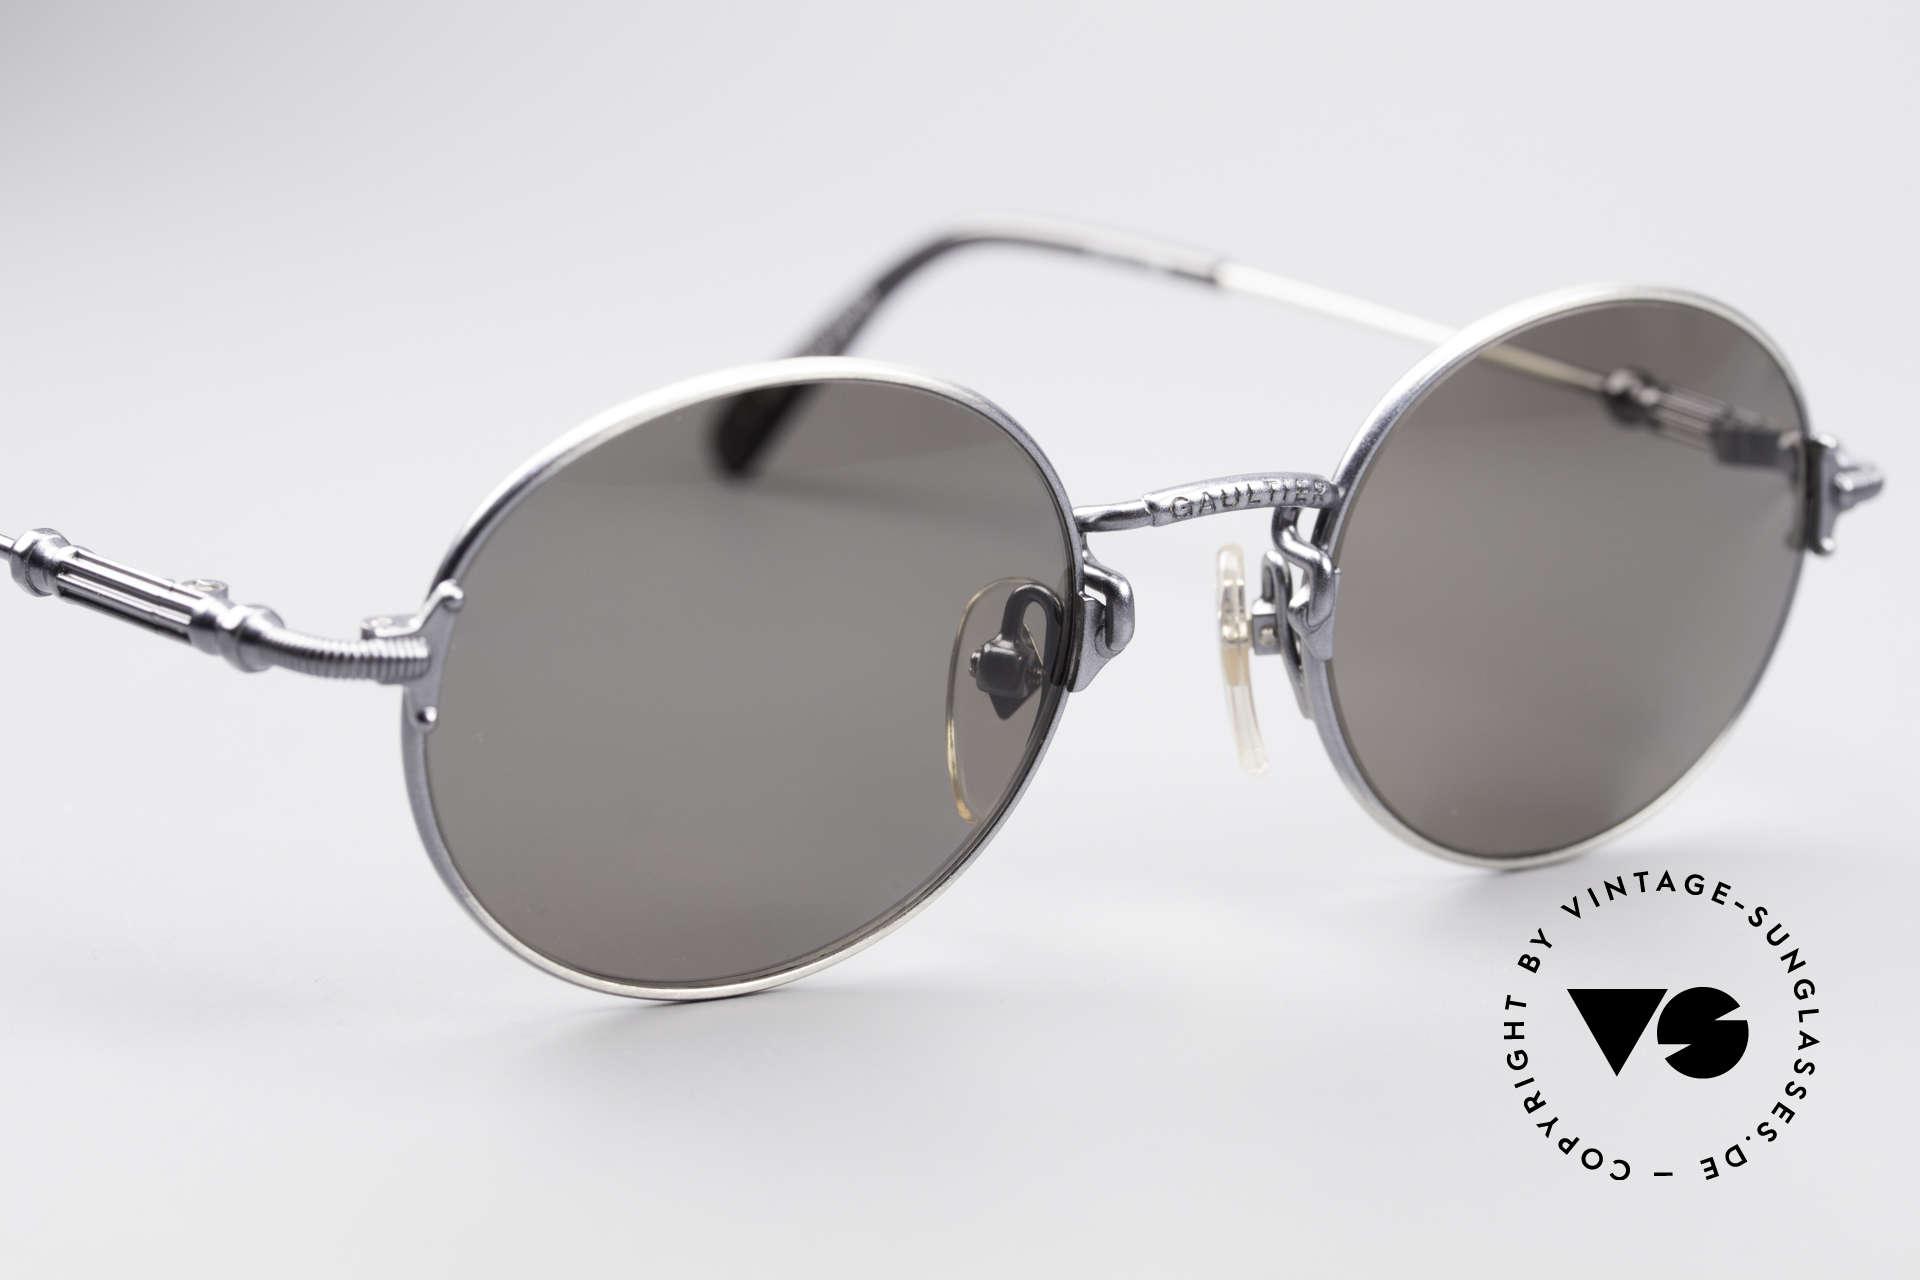 Jean Paul Gaultier 55-6109 Kleine Brille Polarisierend, unbenutzt (wie alle unsere vintage GAULTIER Brillen), Passend für Herren und Damen